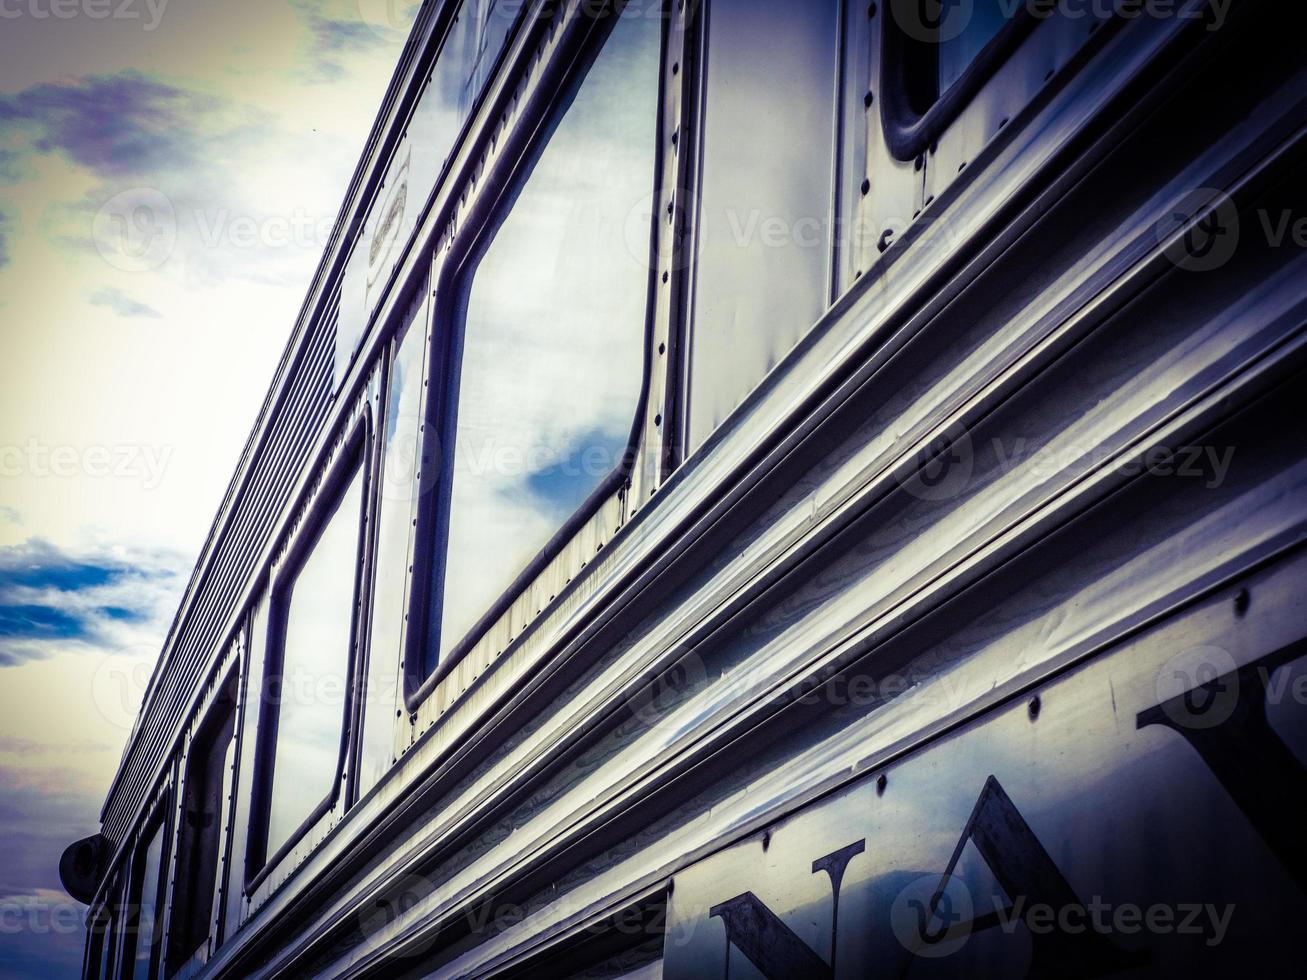 Tren de pasajeros foto